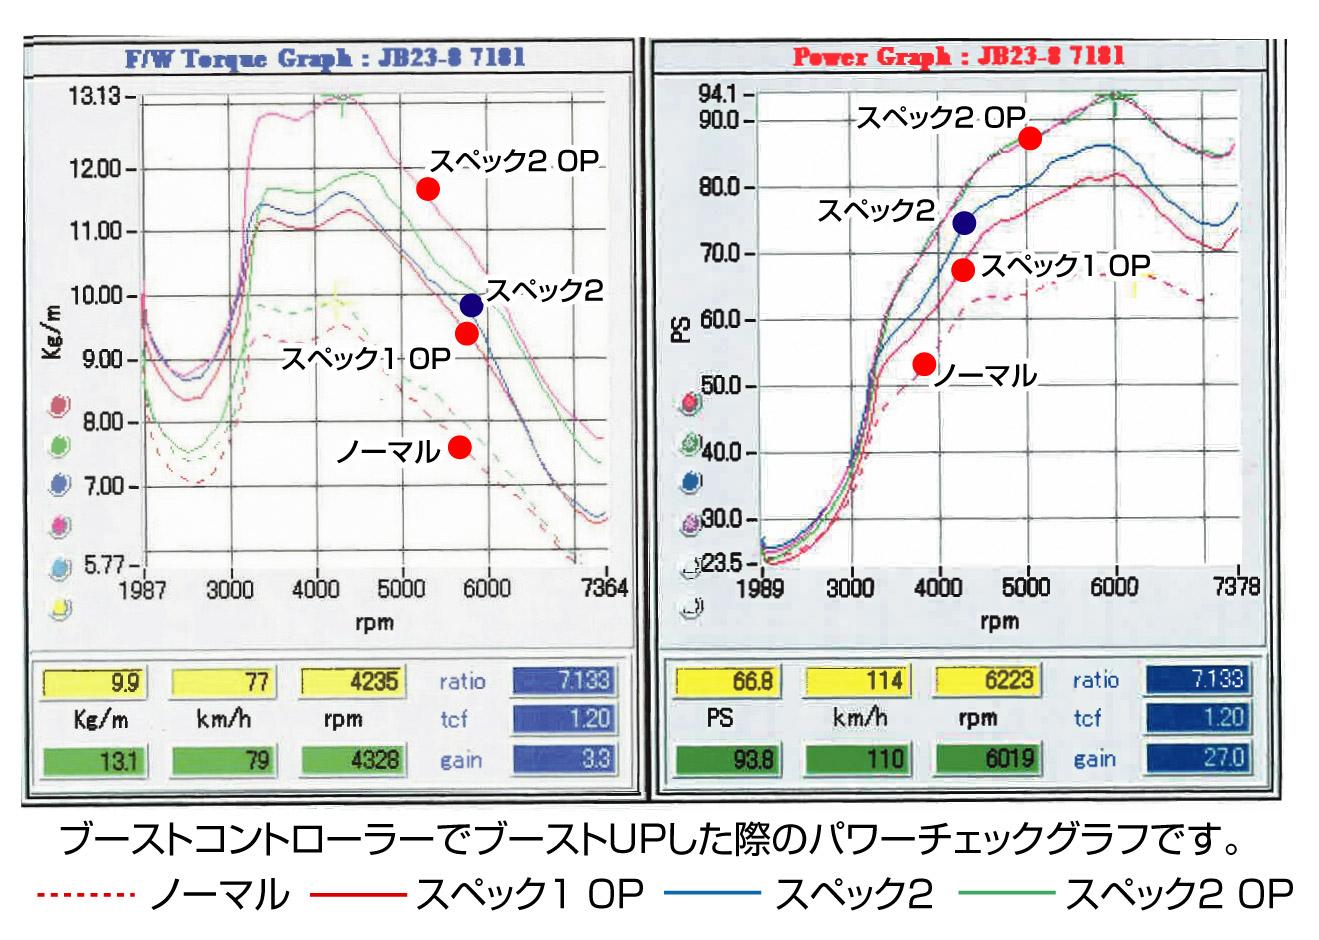 ハイスペックコンピューターclever JB23:7型以降に対応 スーパーセール SP1 新色 オープンエアクリーナーブーストUPデータ無し仕様 OP レギュラーガソリン